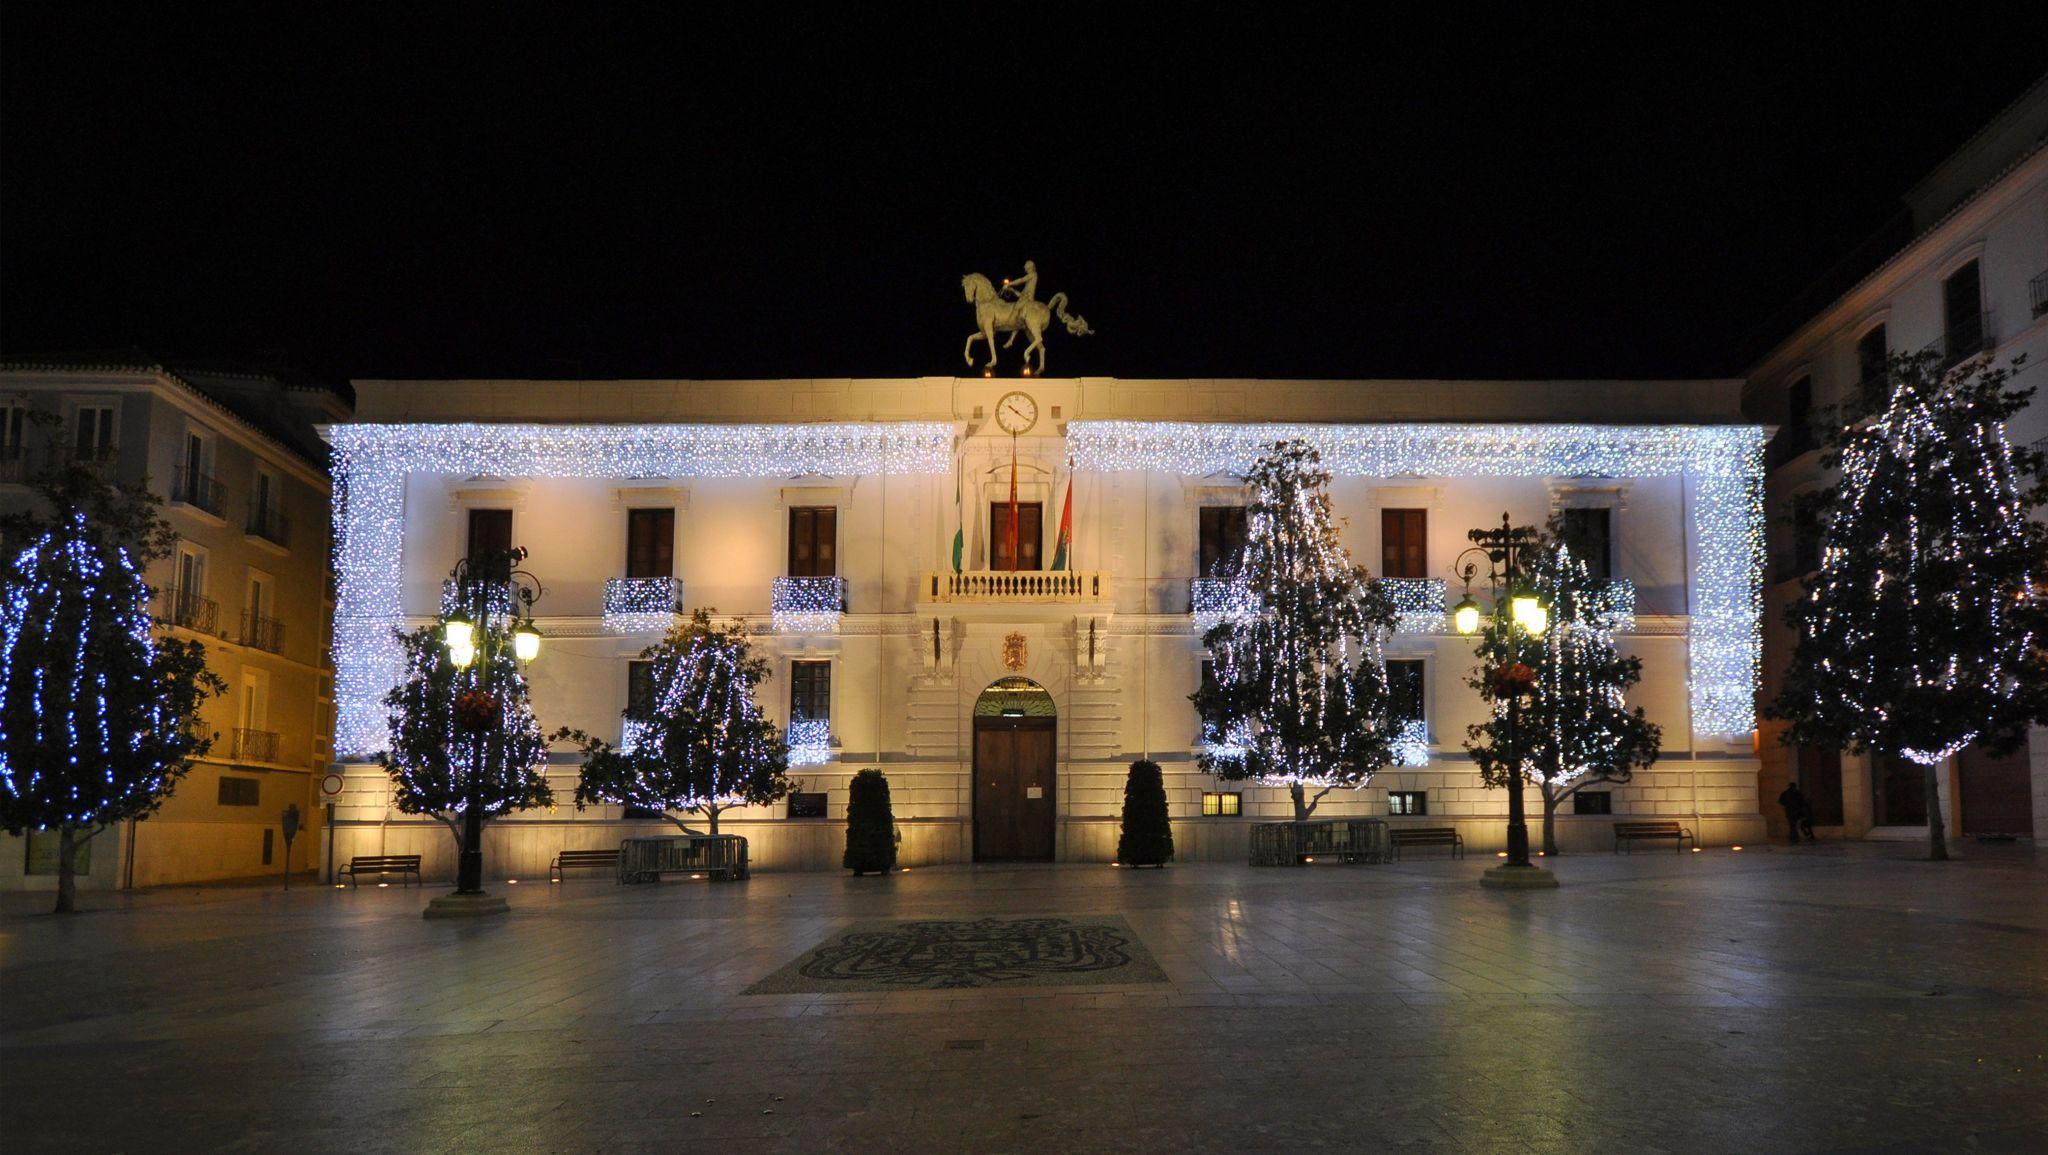 ayuntamiento in Granada, Spain